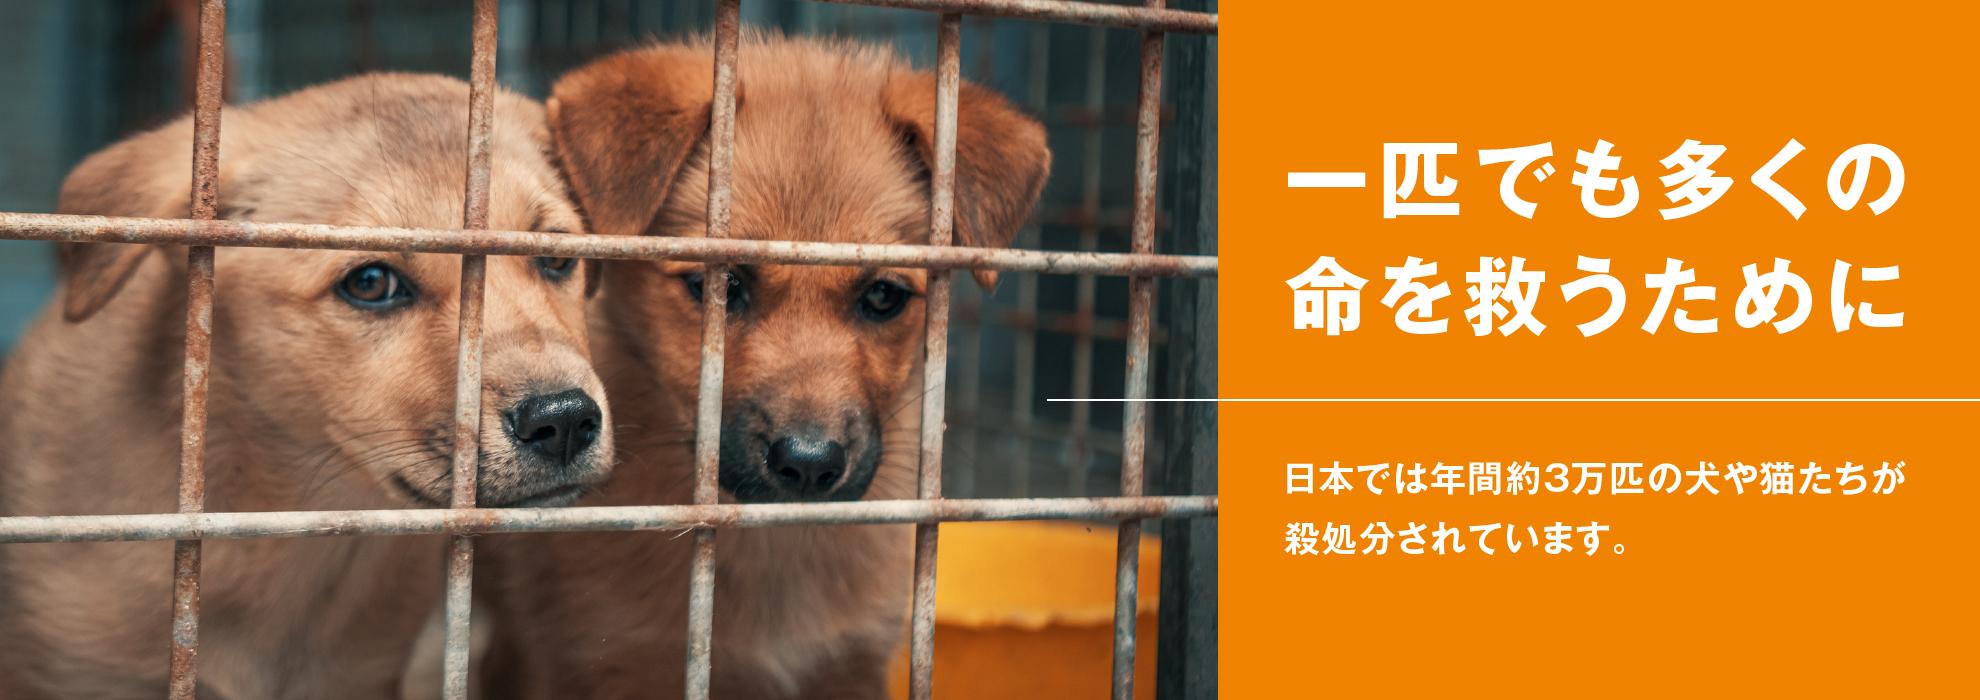 【動物愛護】一匹でも多くの命を救うために